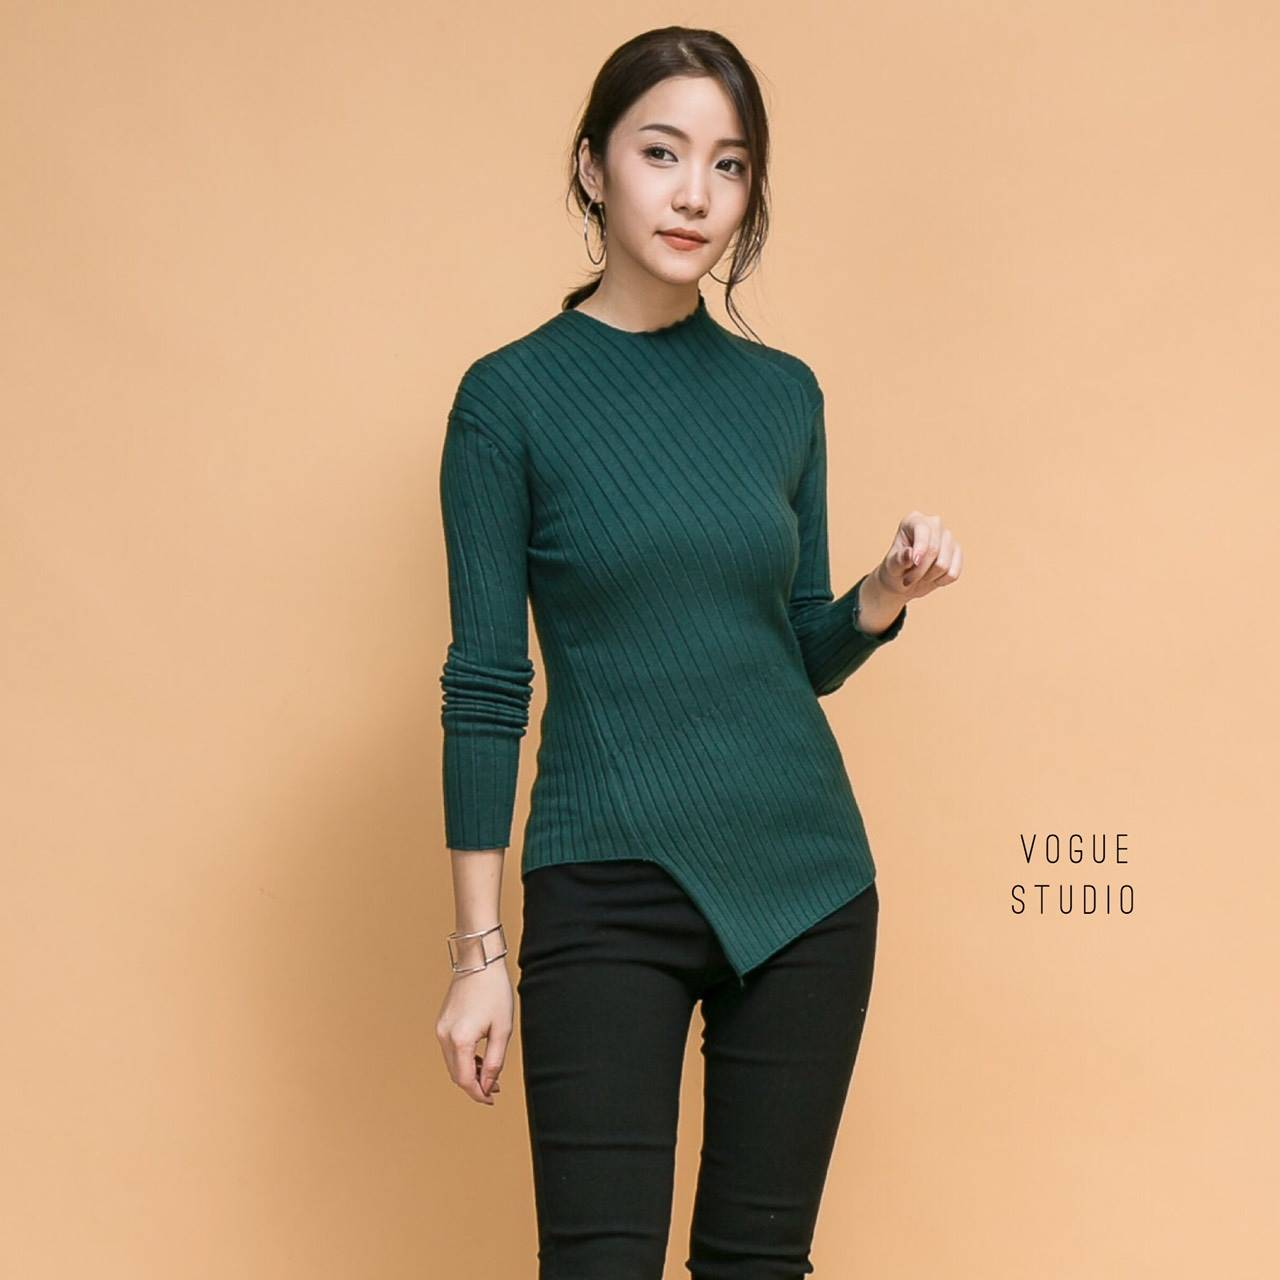 เสื้อผ้าเกาหลีพร้อมส่ง เสื้อไหมพรมแขนยาว แต่ง cutout